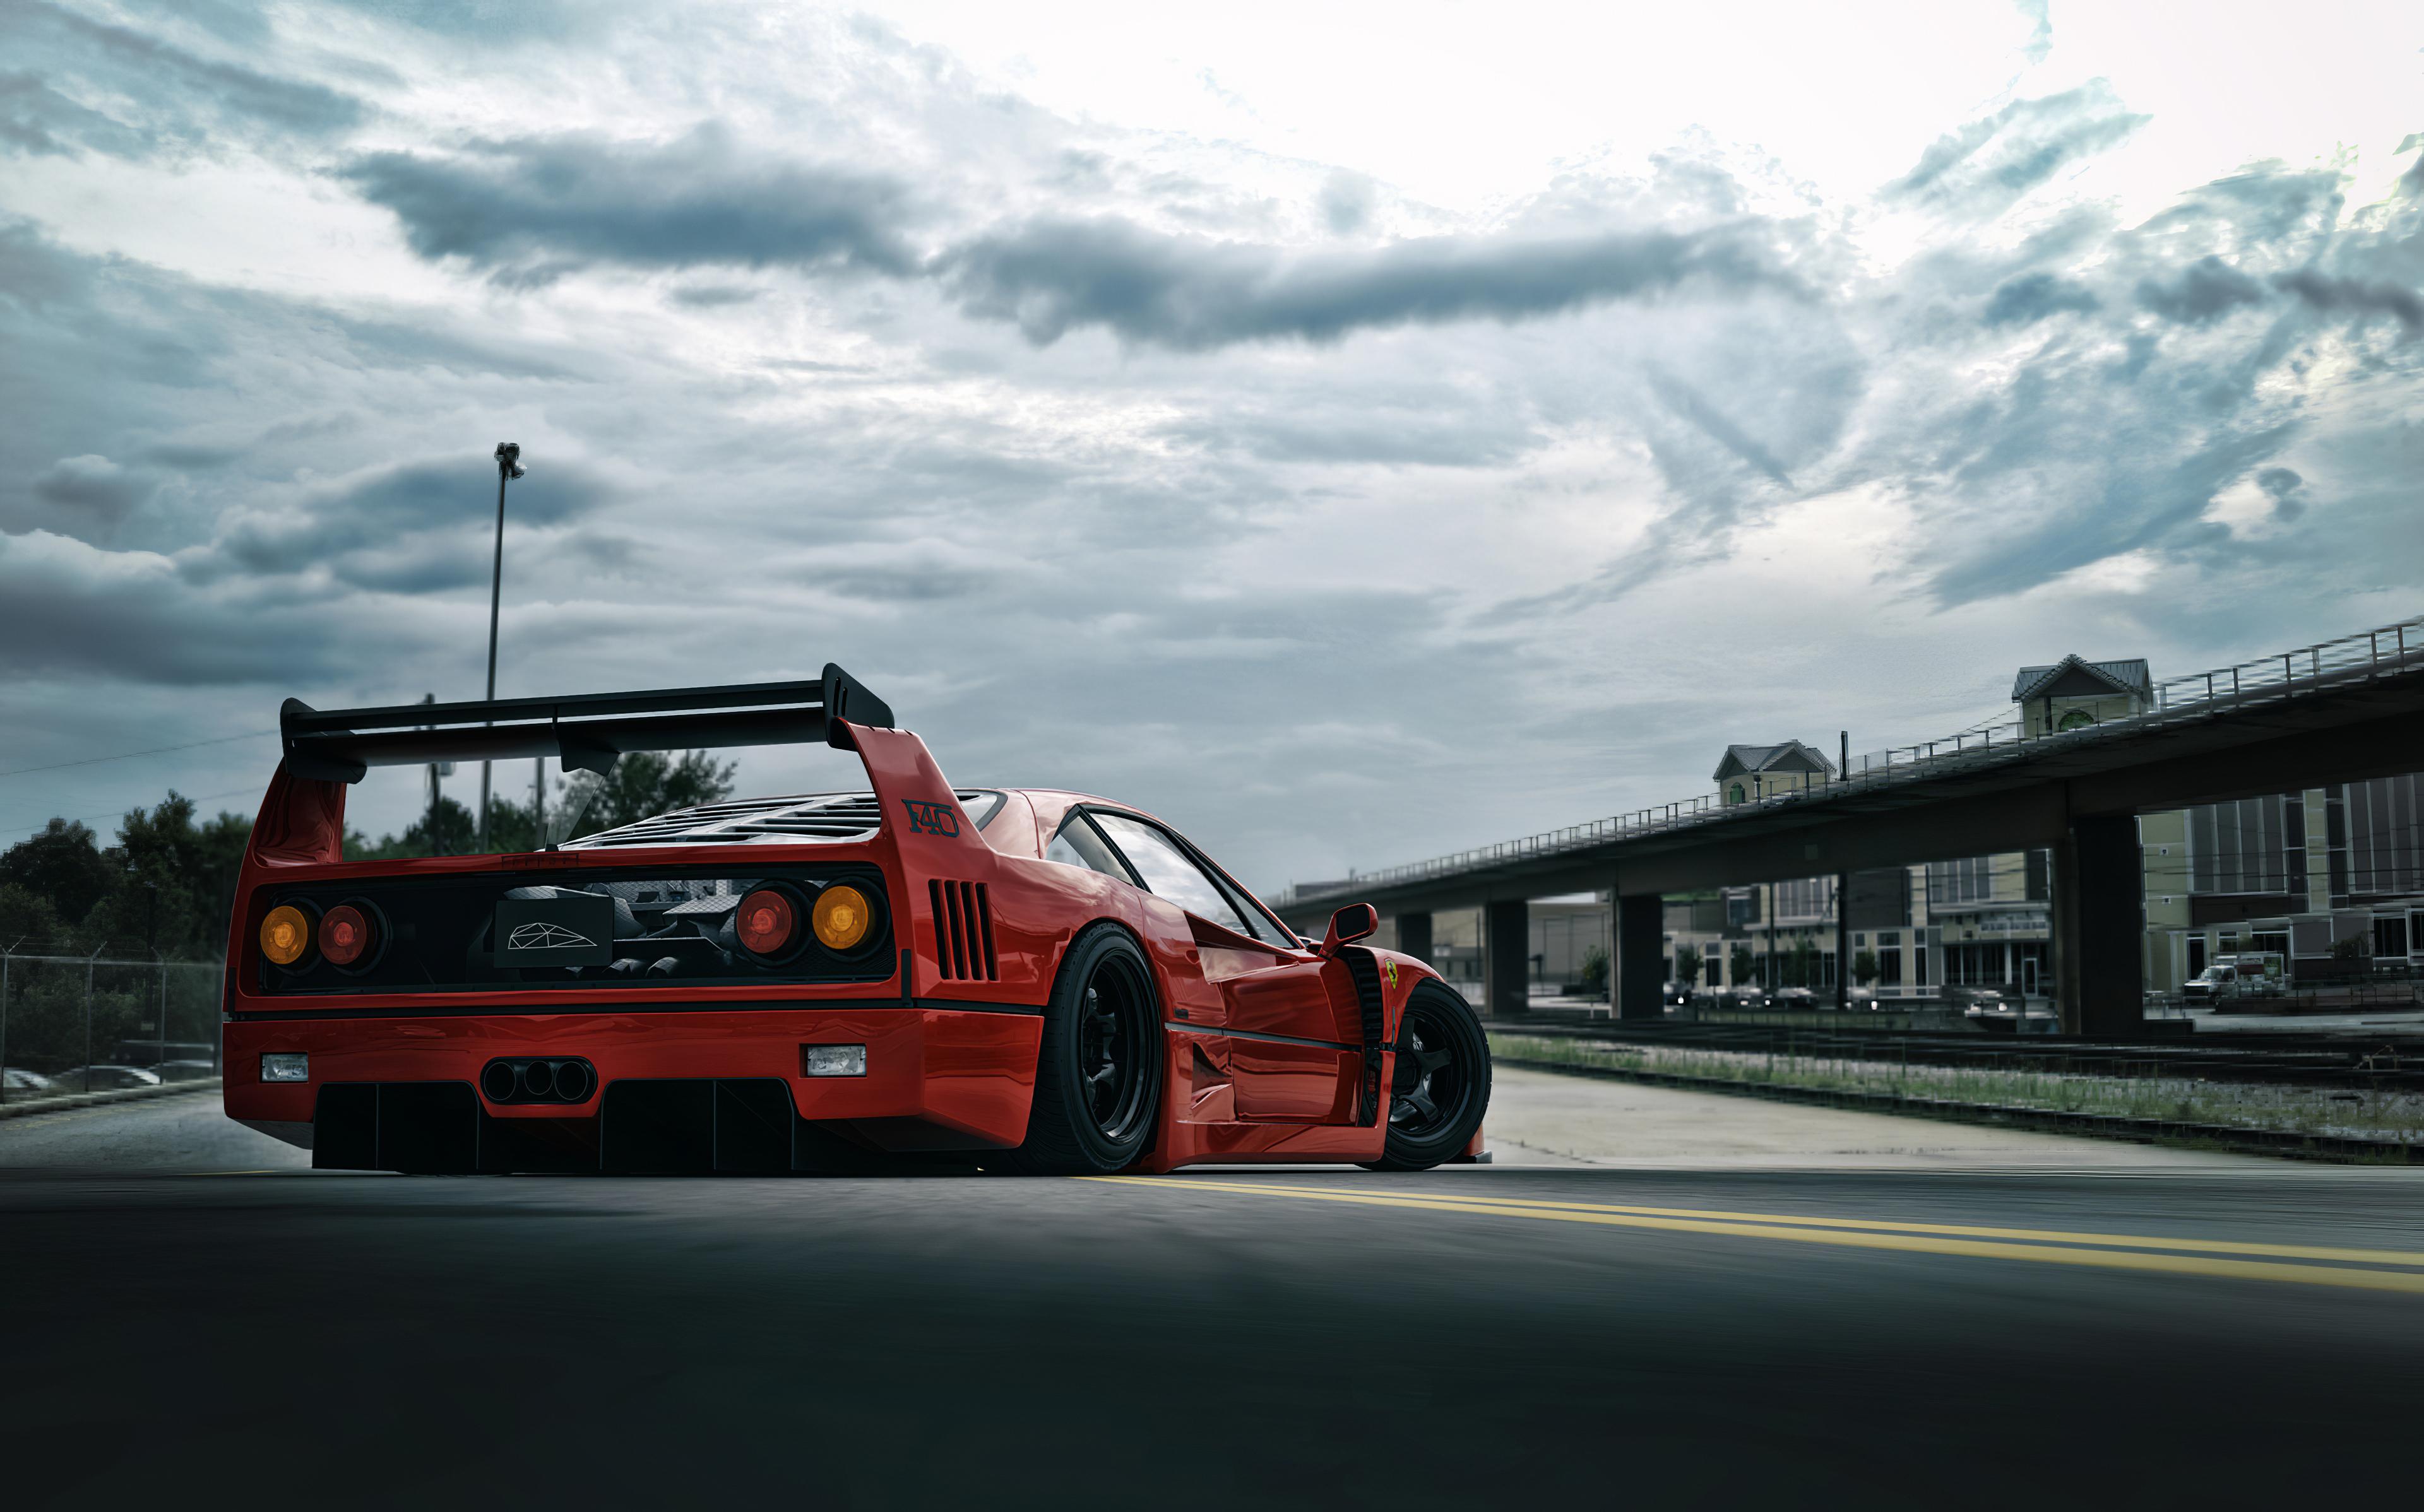 Ferrari Red 4k, HD Cars, 4k Wallpapers, Images ...